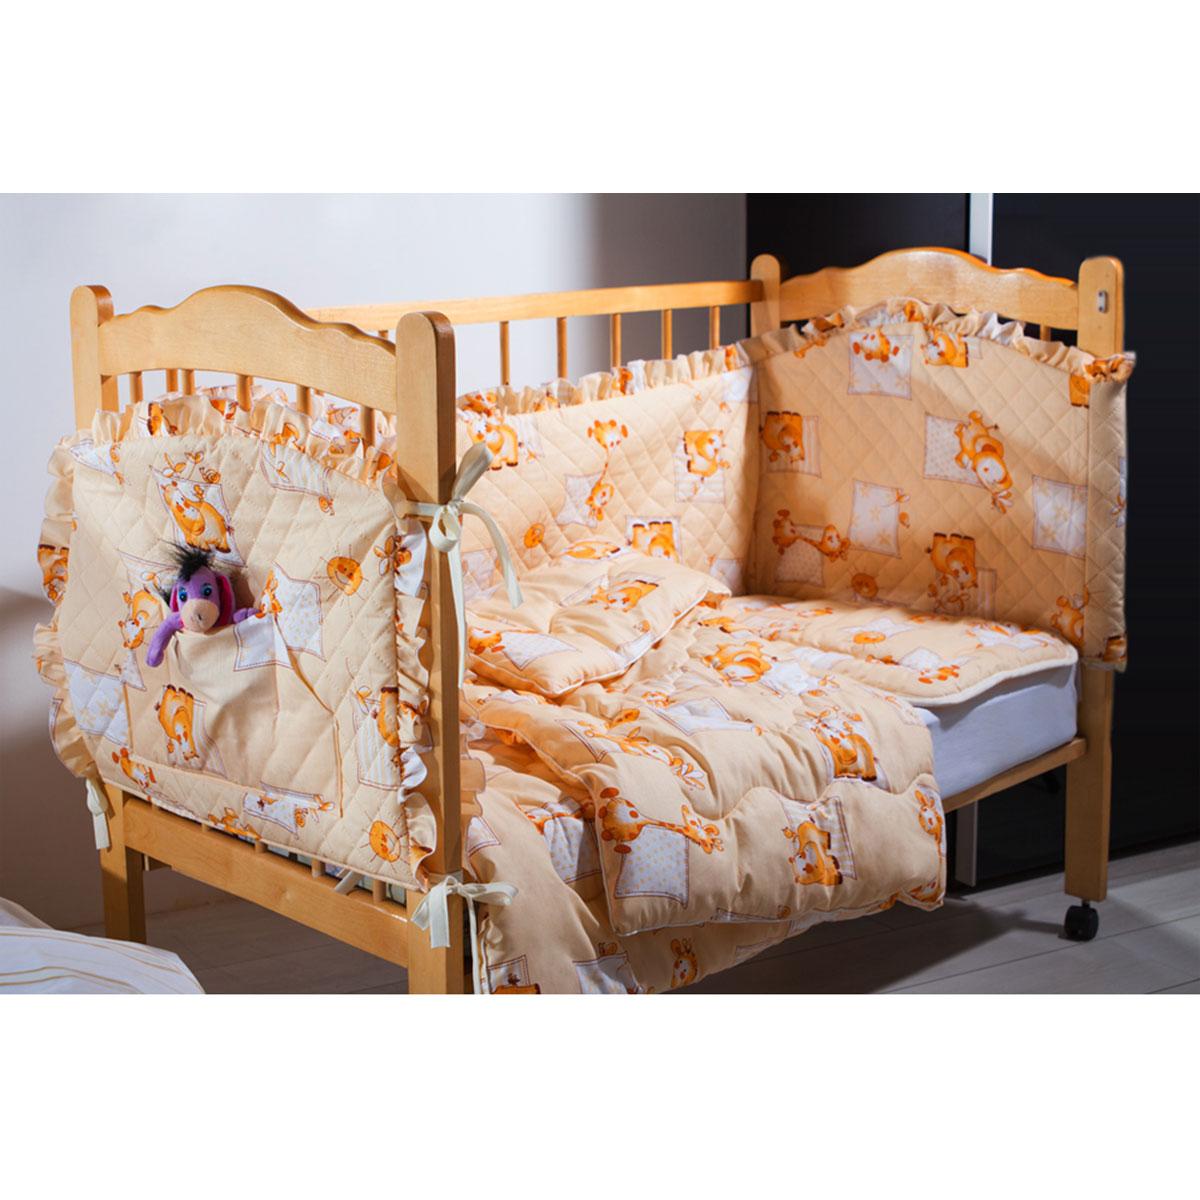 Комплект КРОХА-2(бортик, одеяло, подушка,кармашек) (бежевый)S03301004Комплект в кроватку Кроха (4 изделия в комплекте) с наполнителем Экофайбер™ в чехле из набивной хлопковой ткани, отделка-рюша, бортики с безниточной стежкой Ультрастеп™, одеяла с декоративной ниточной стежкой, (детская подушка - 40х60, легкое одеяло 110х140, кармашек 60х45, бортик 360х45), цвета: бежевый, розовый, голубой (упаковка -сумка ПВХ)